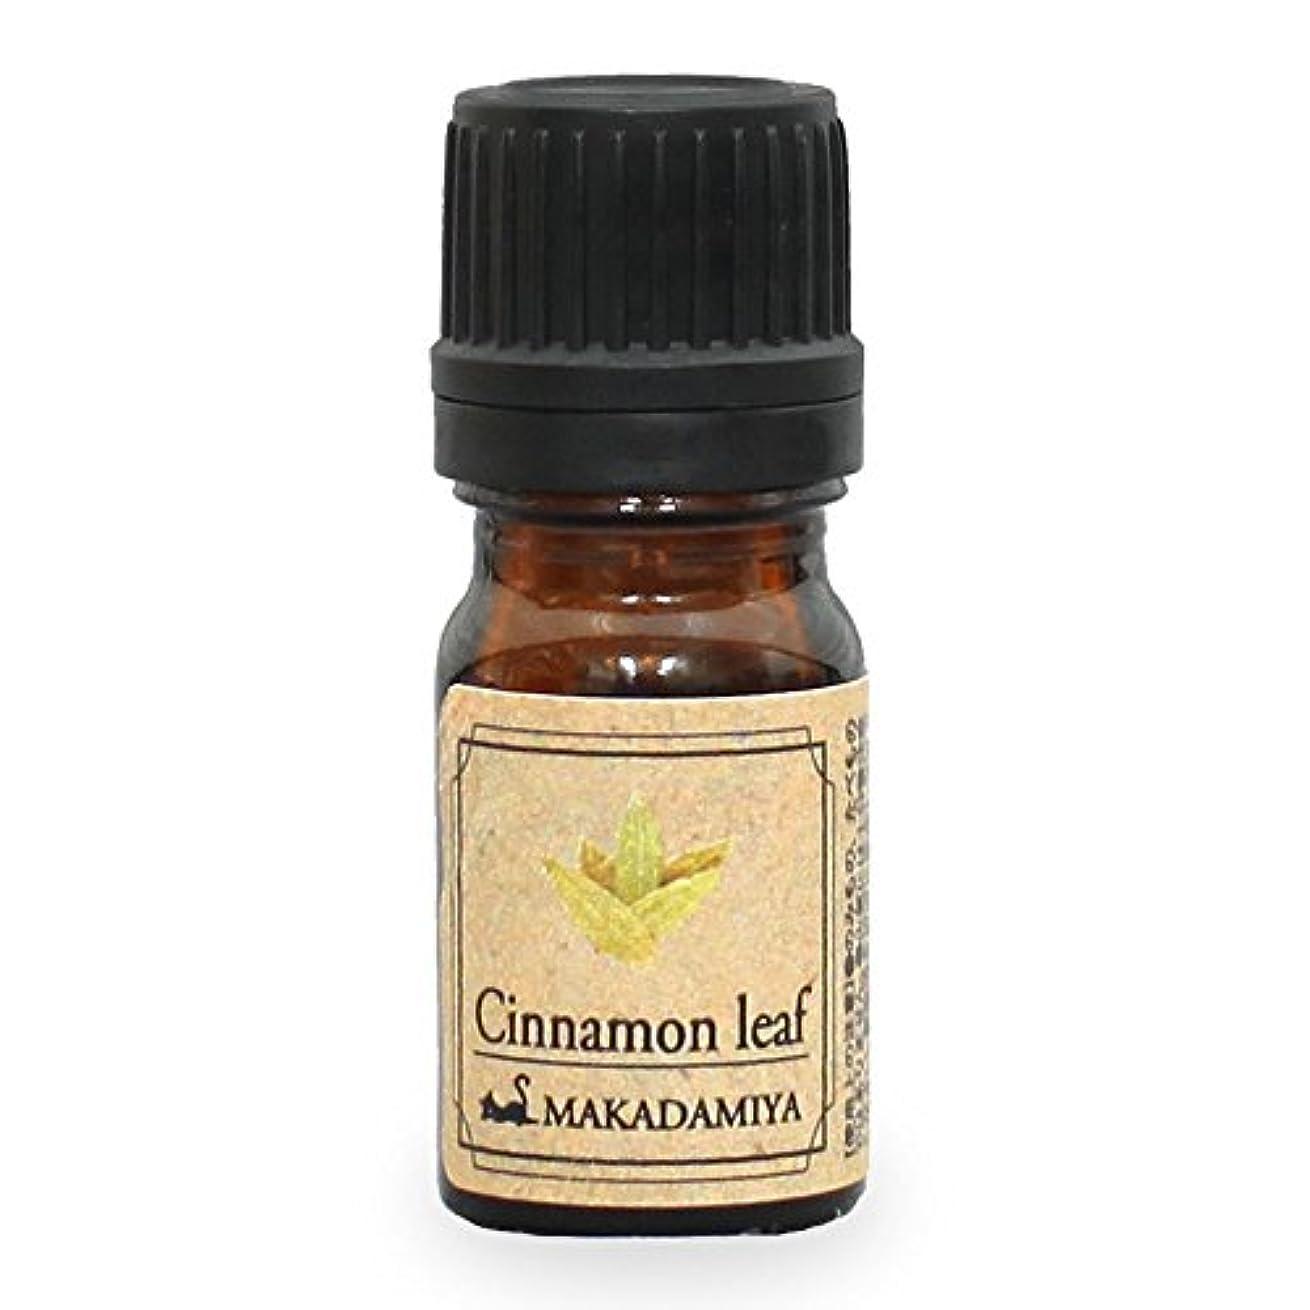 同僚圧縮するコスチュームシナモンリーフ5ml天然100%植物性エッセンシャルオイル(精油)アロマオイルアロママッサージアロマテラピーaroma Cinnamon leaf